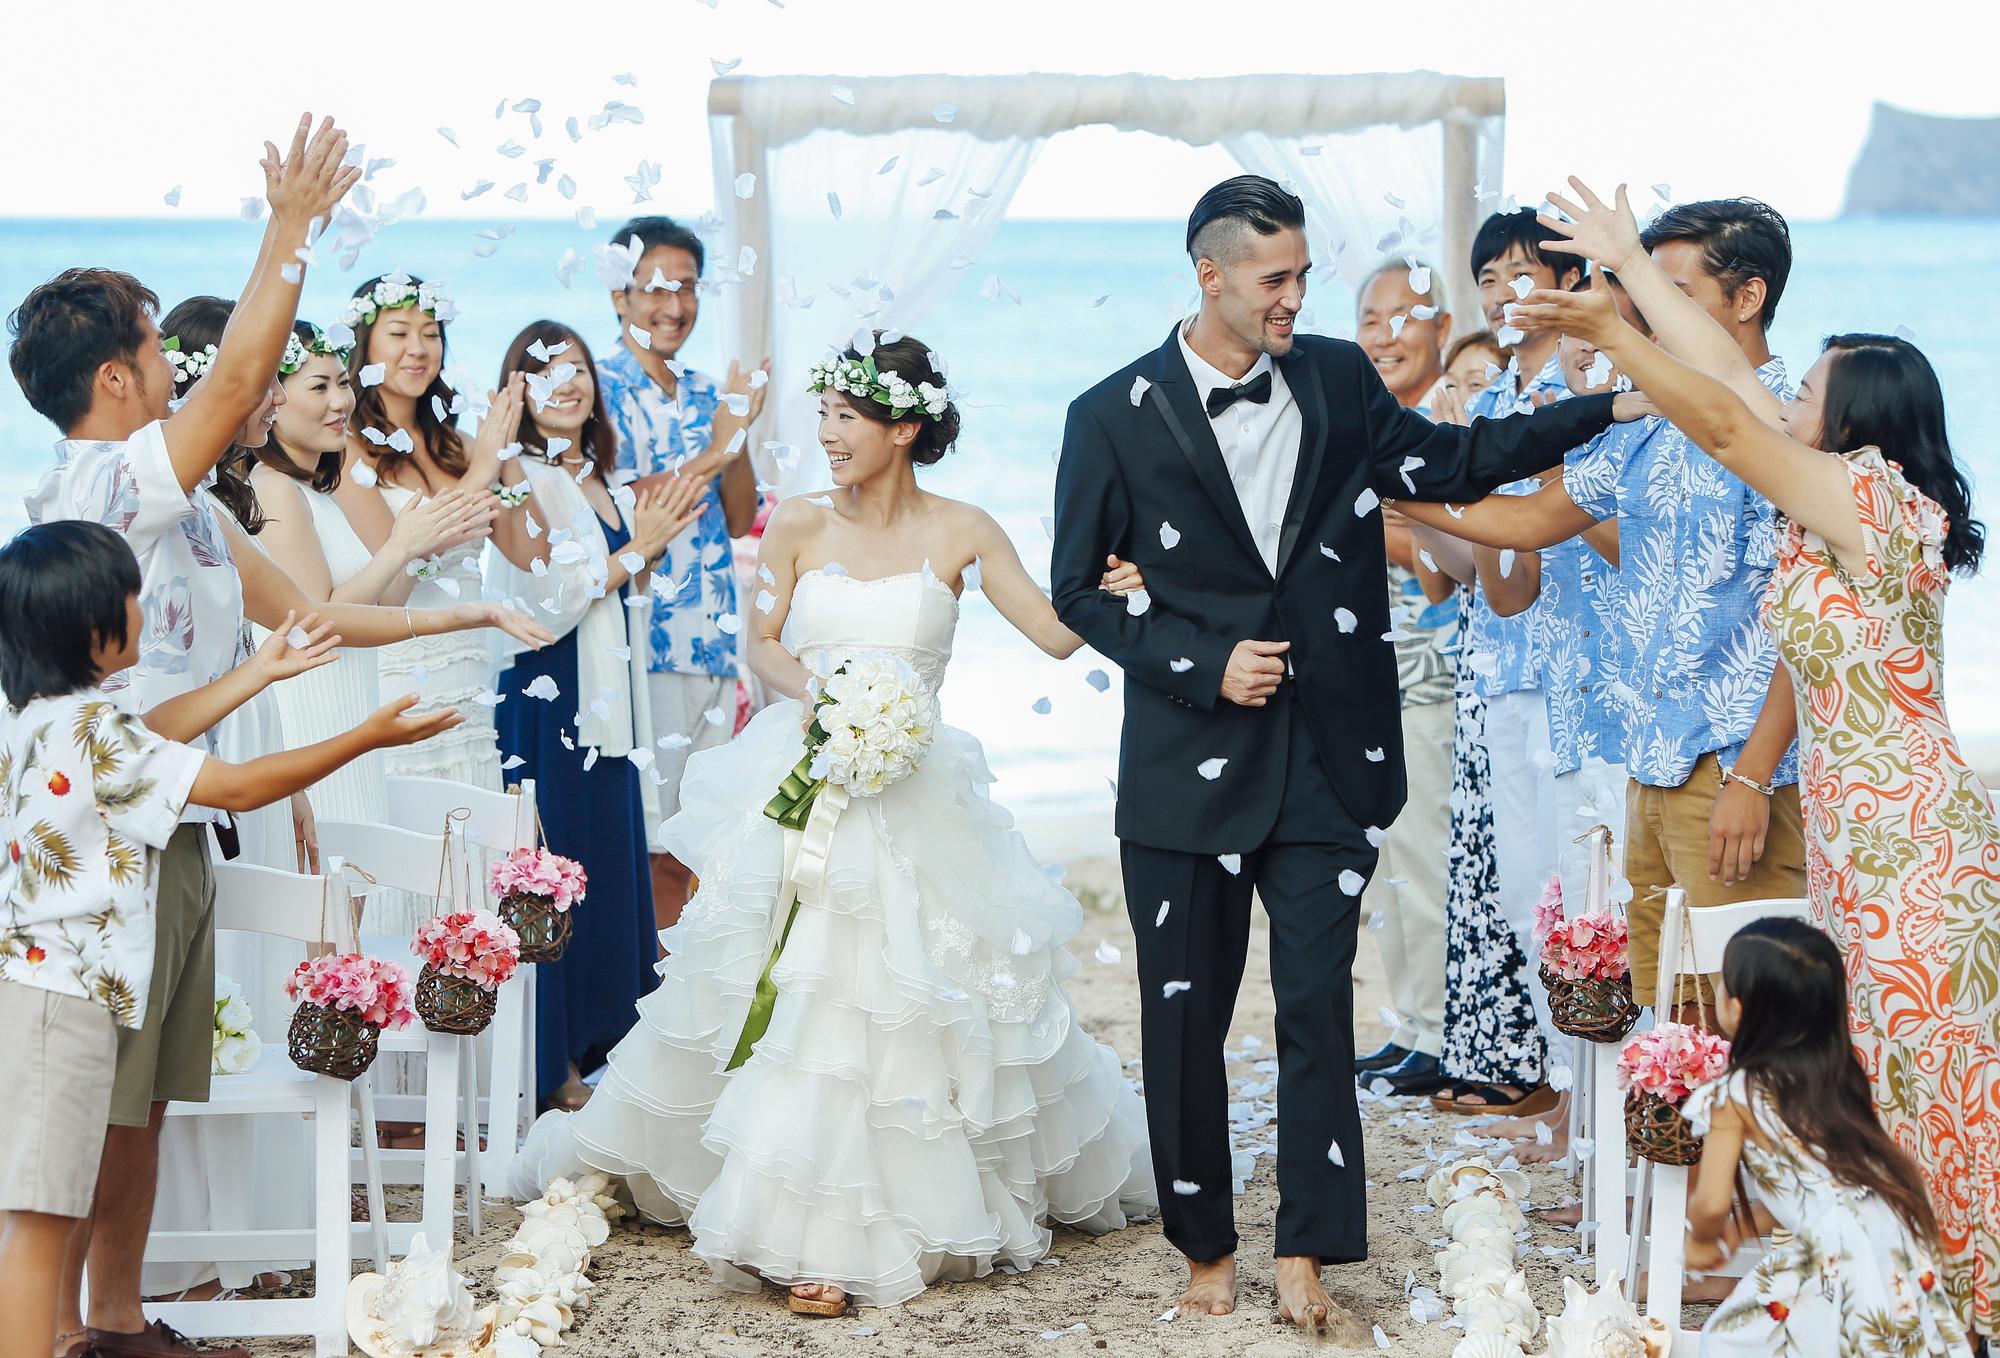 結婚式の余興でダンス